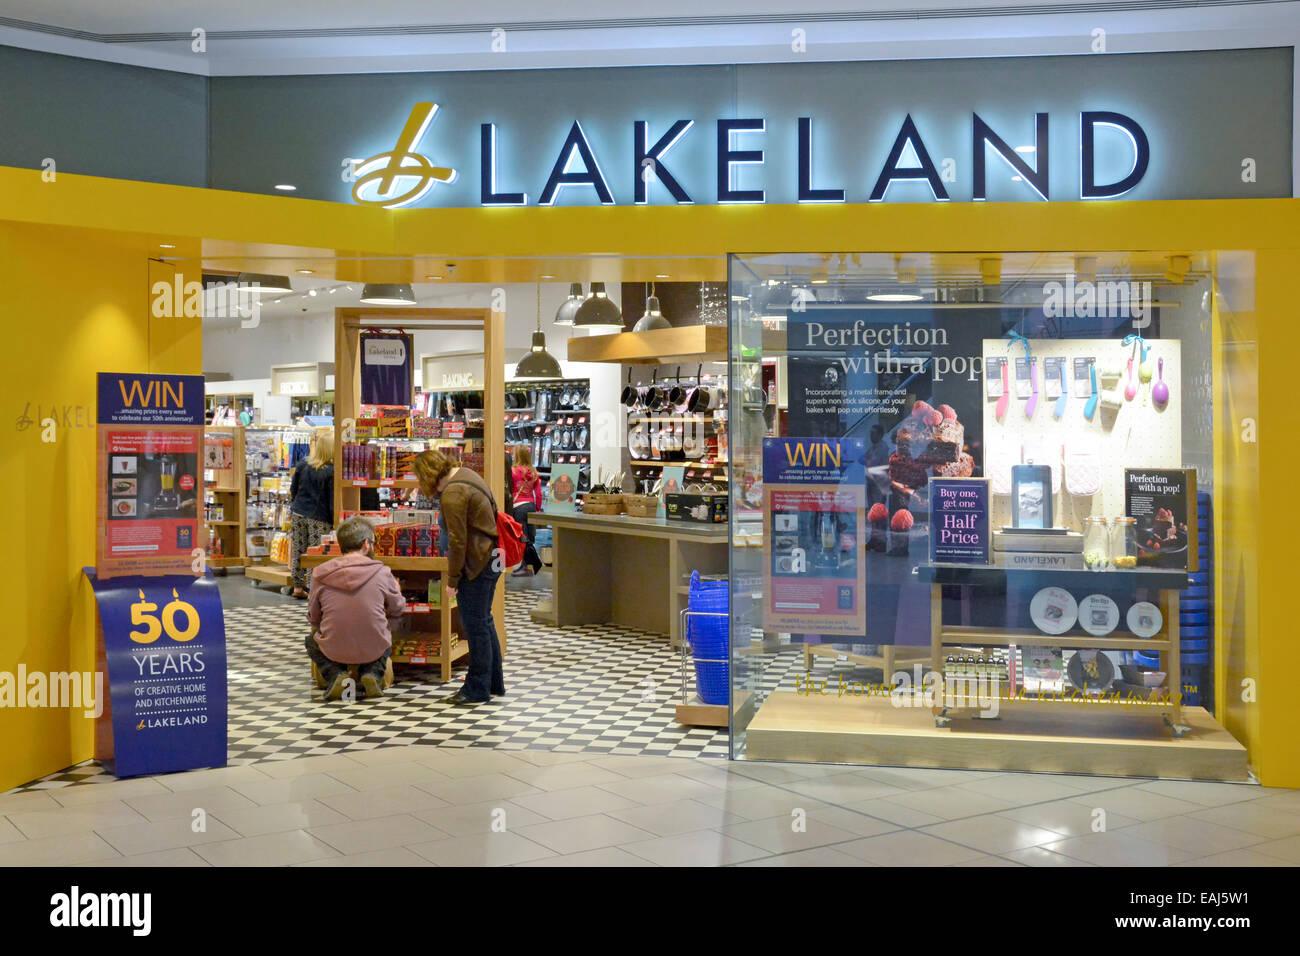 Lakeland Kitchen Stores Uk